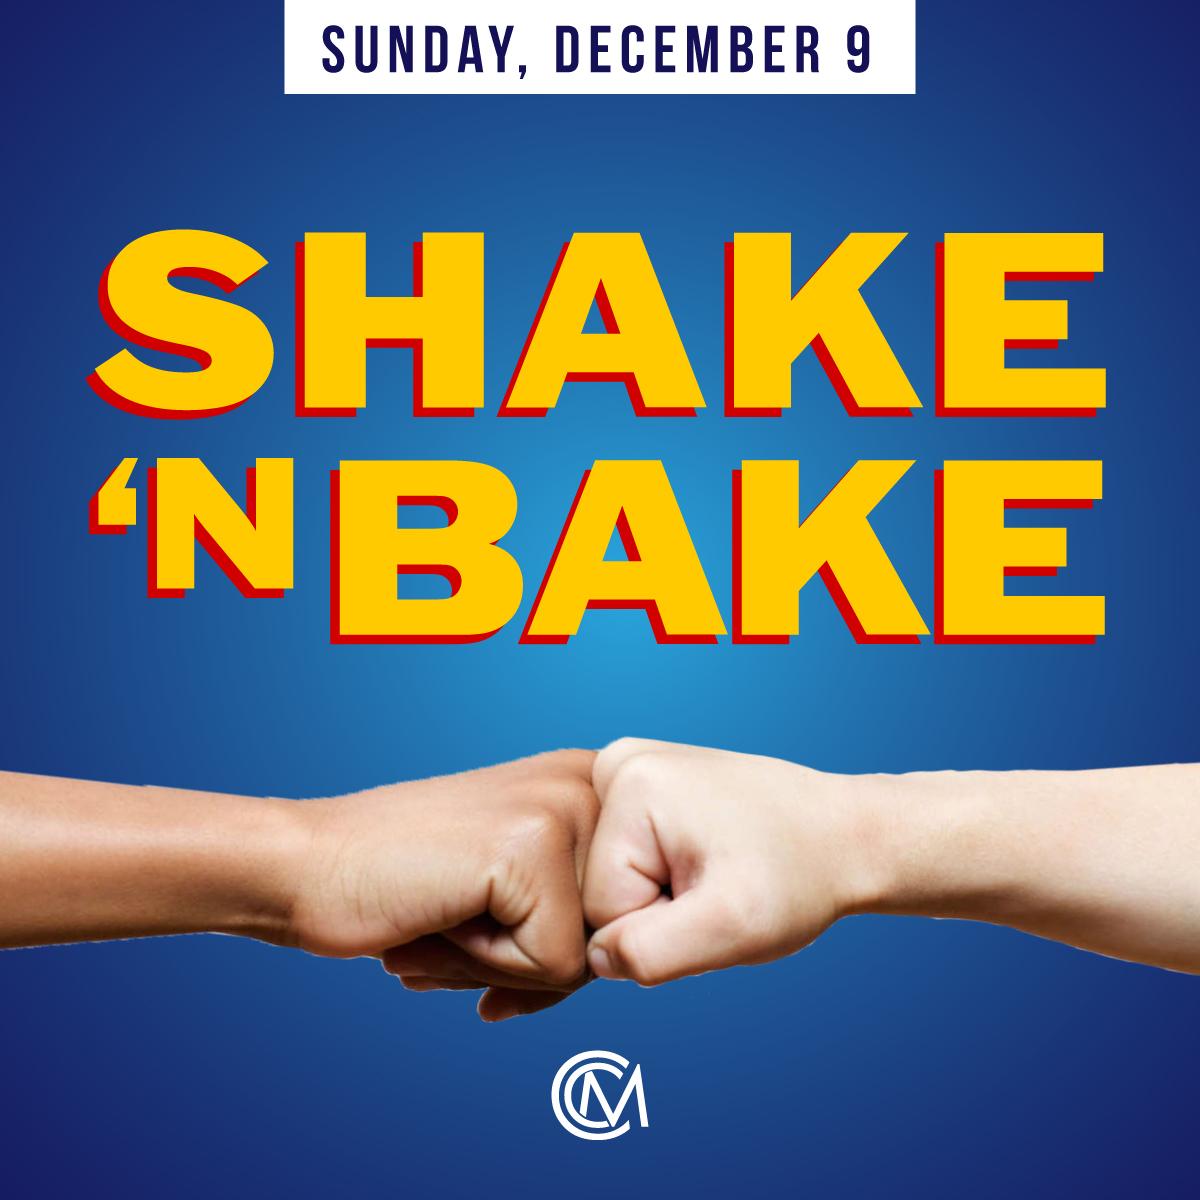 CCM-Shake-Bake-12-9.jpg